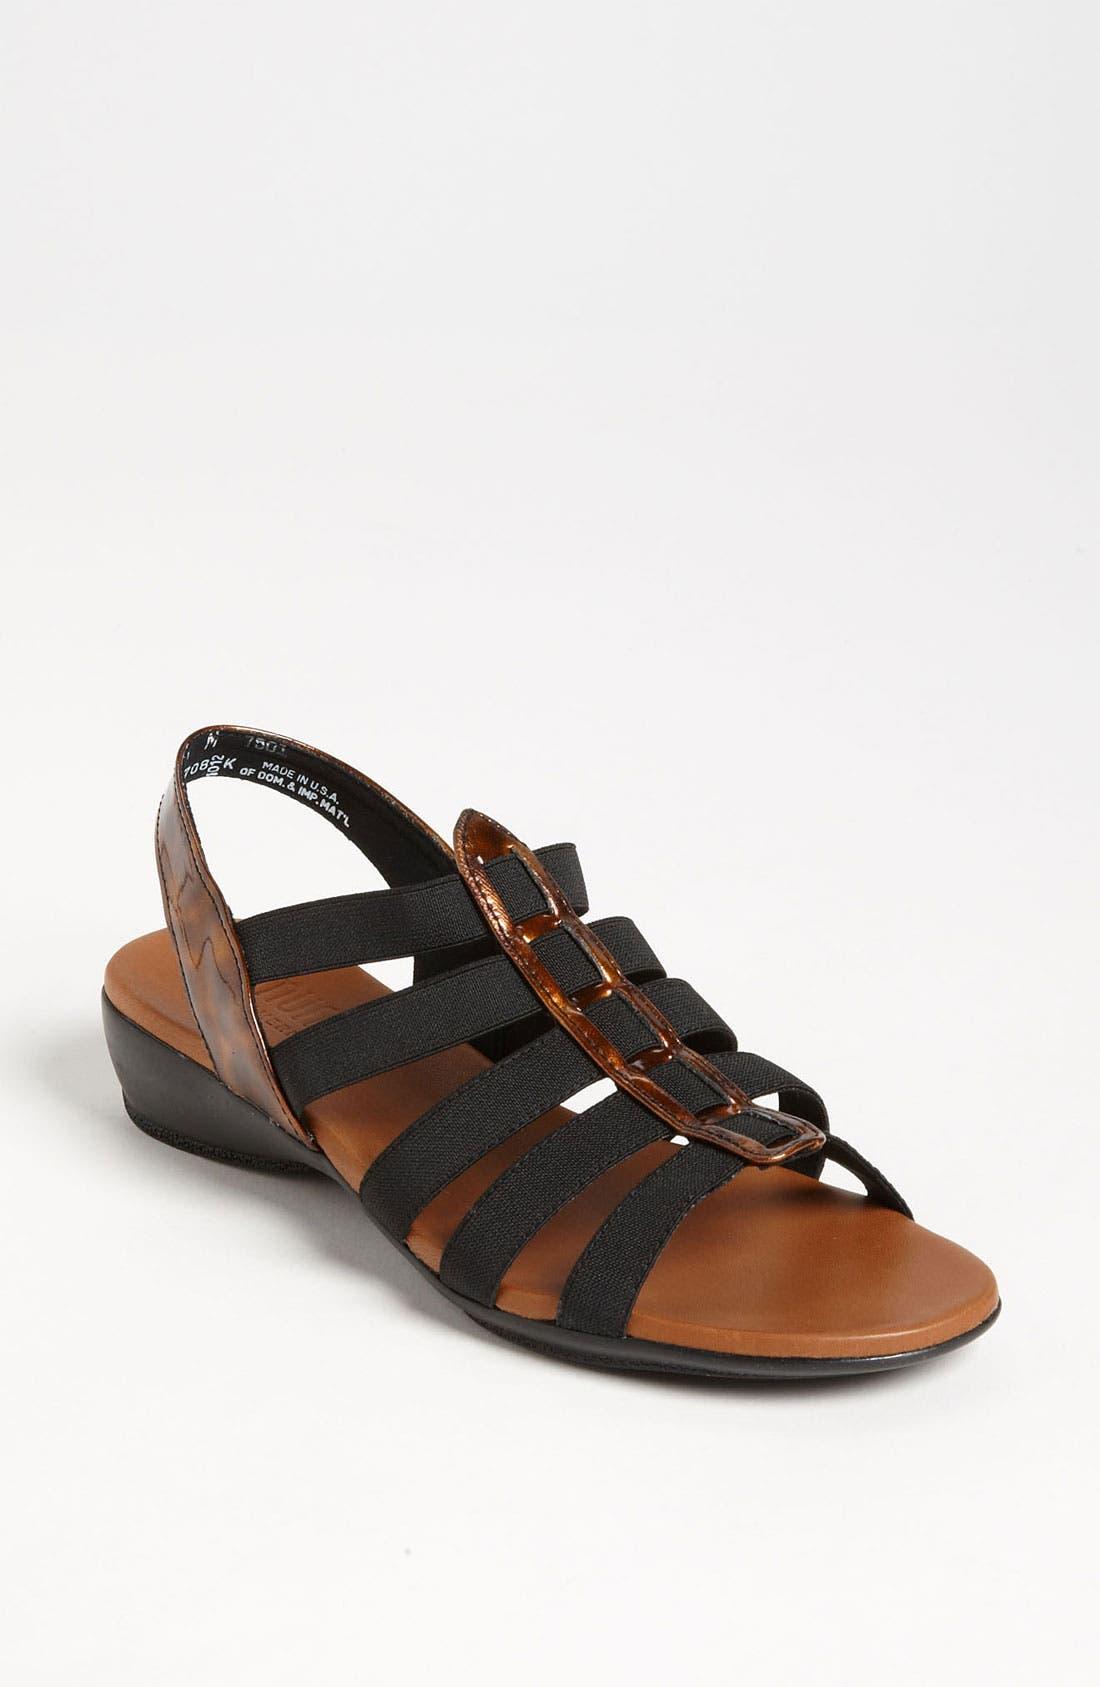 Main Image - Munro 'Darian' Sandal